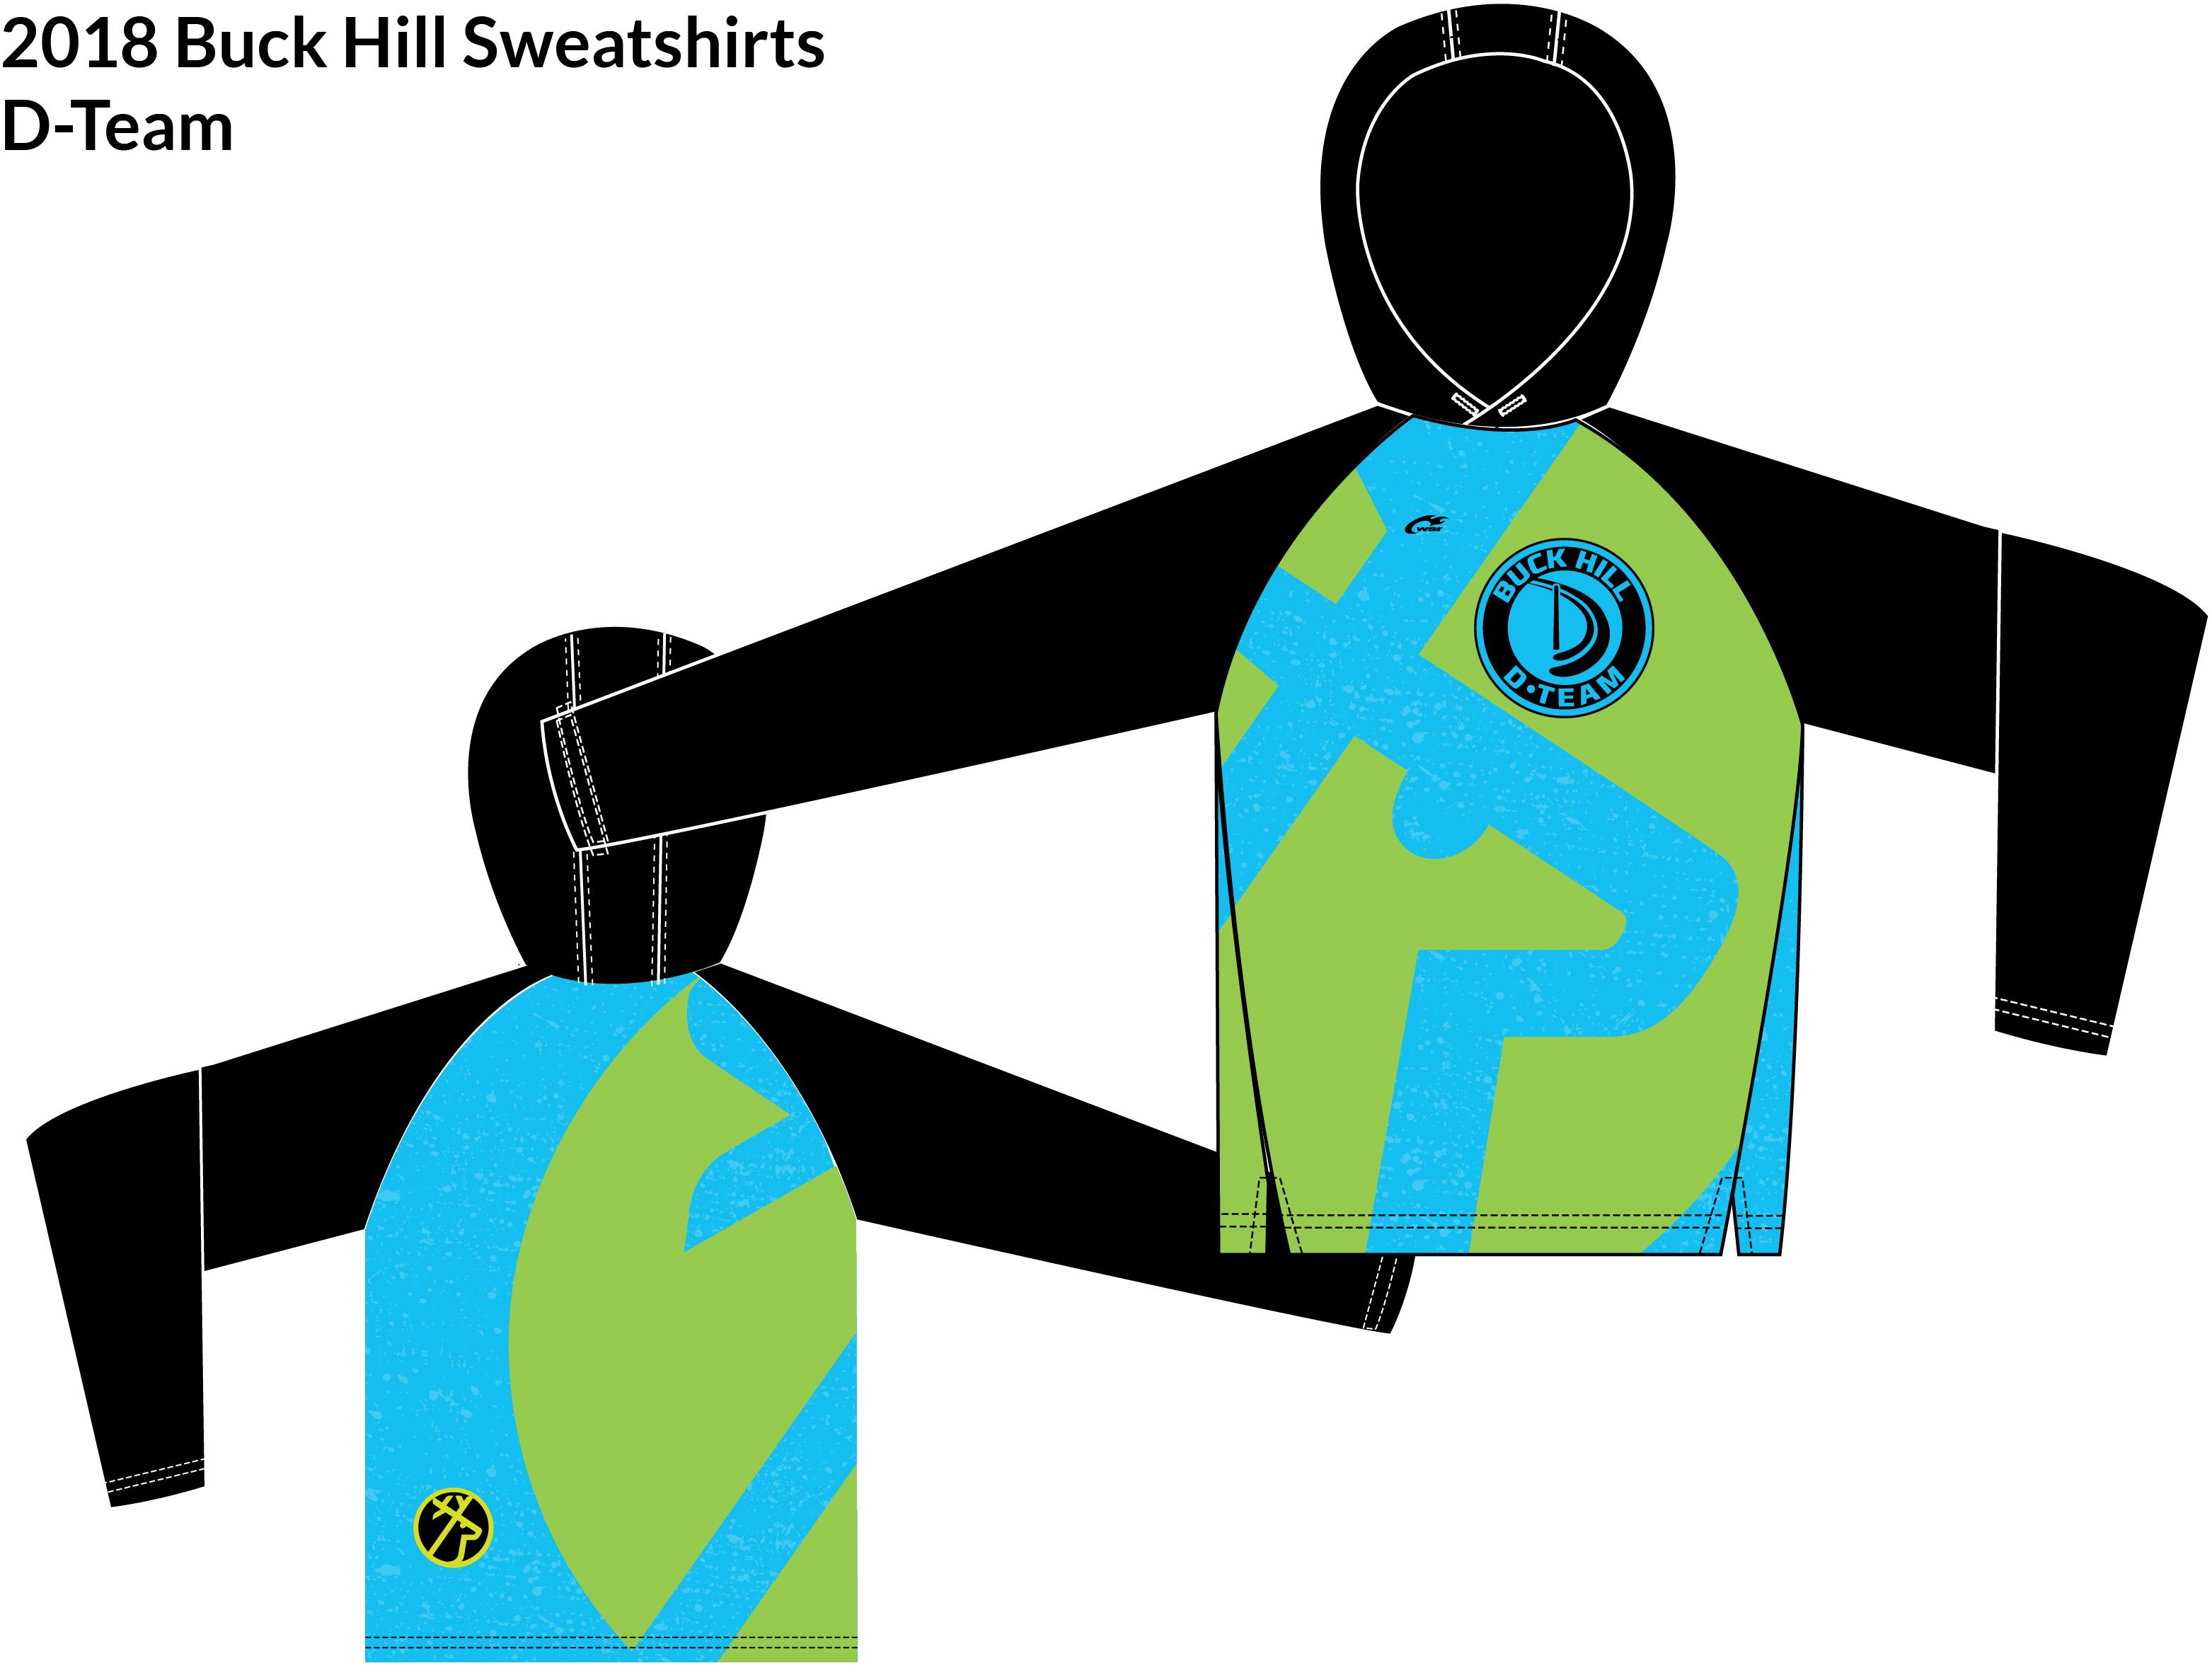 D-team Sweatshirt